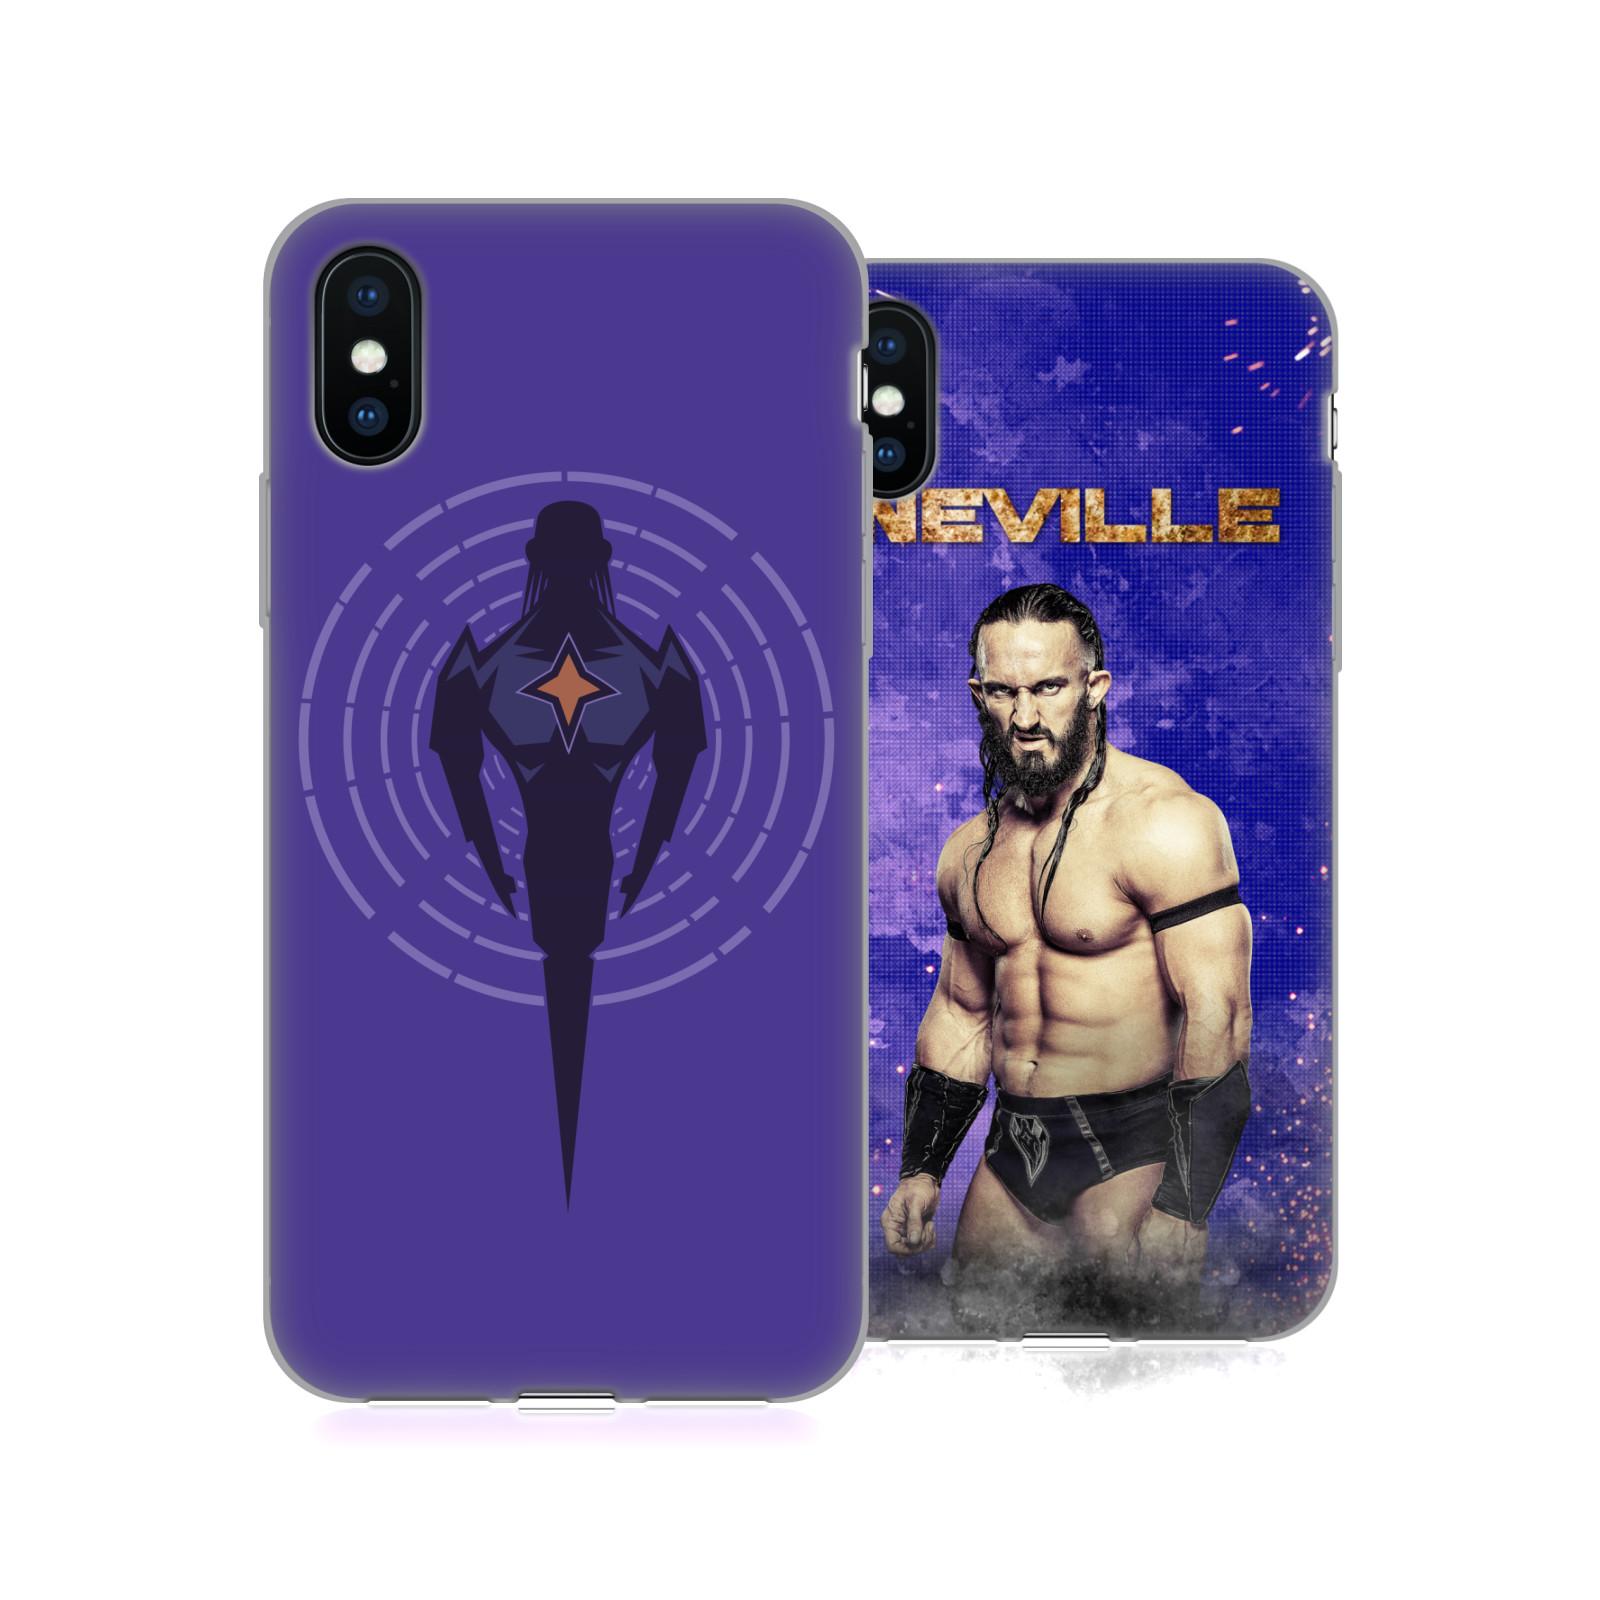 WWE <!--translate-lineup-->Neville<!--translate-lineup-->